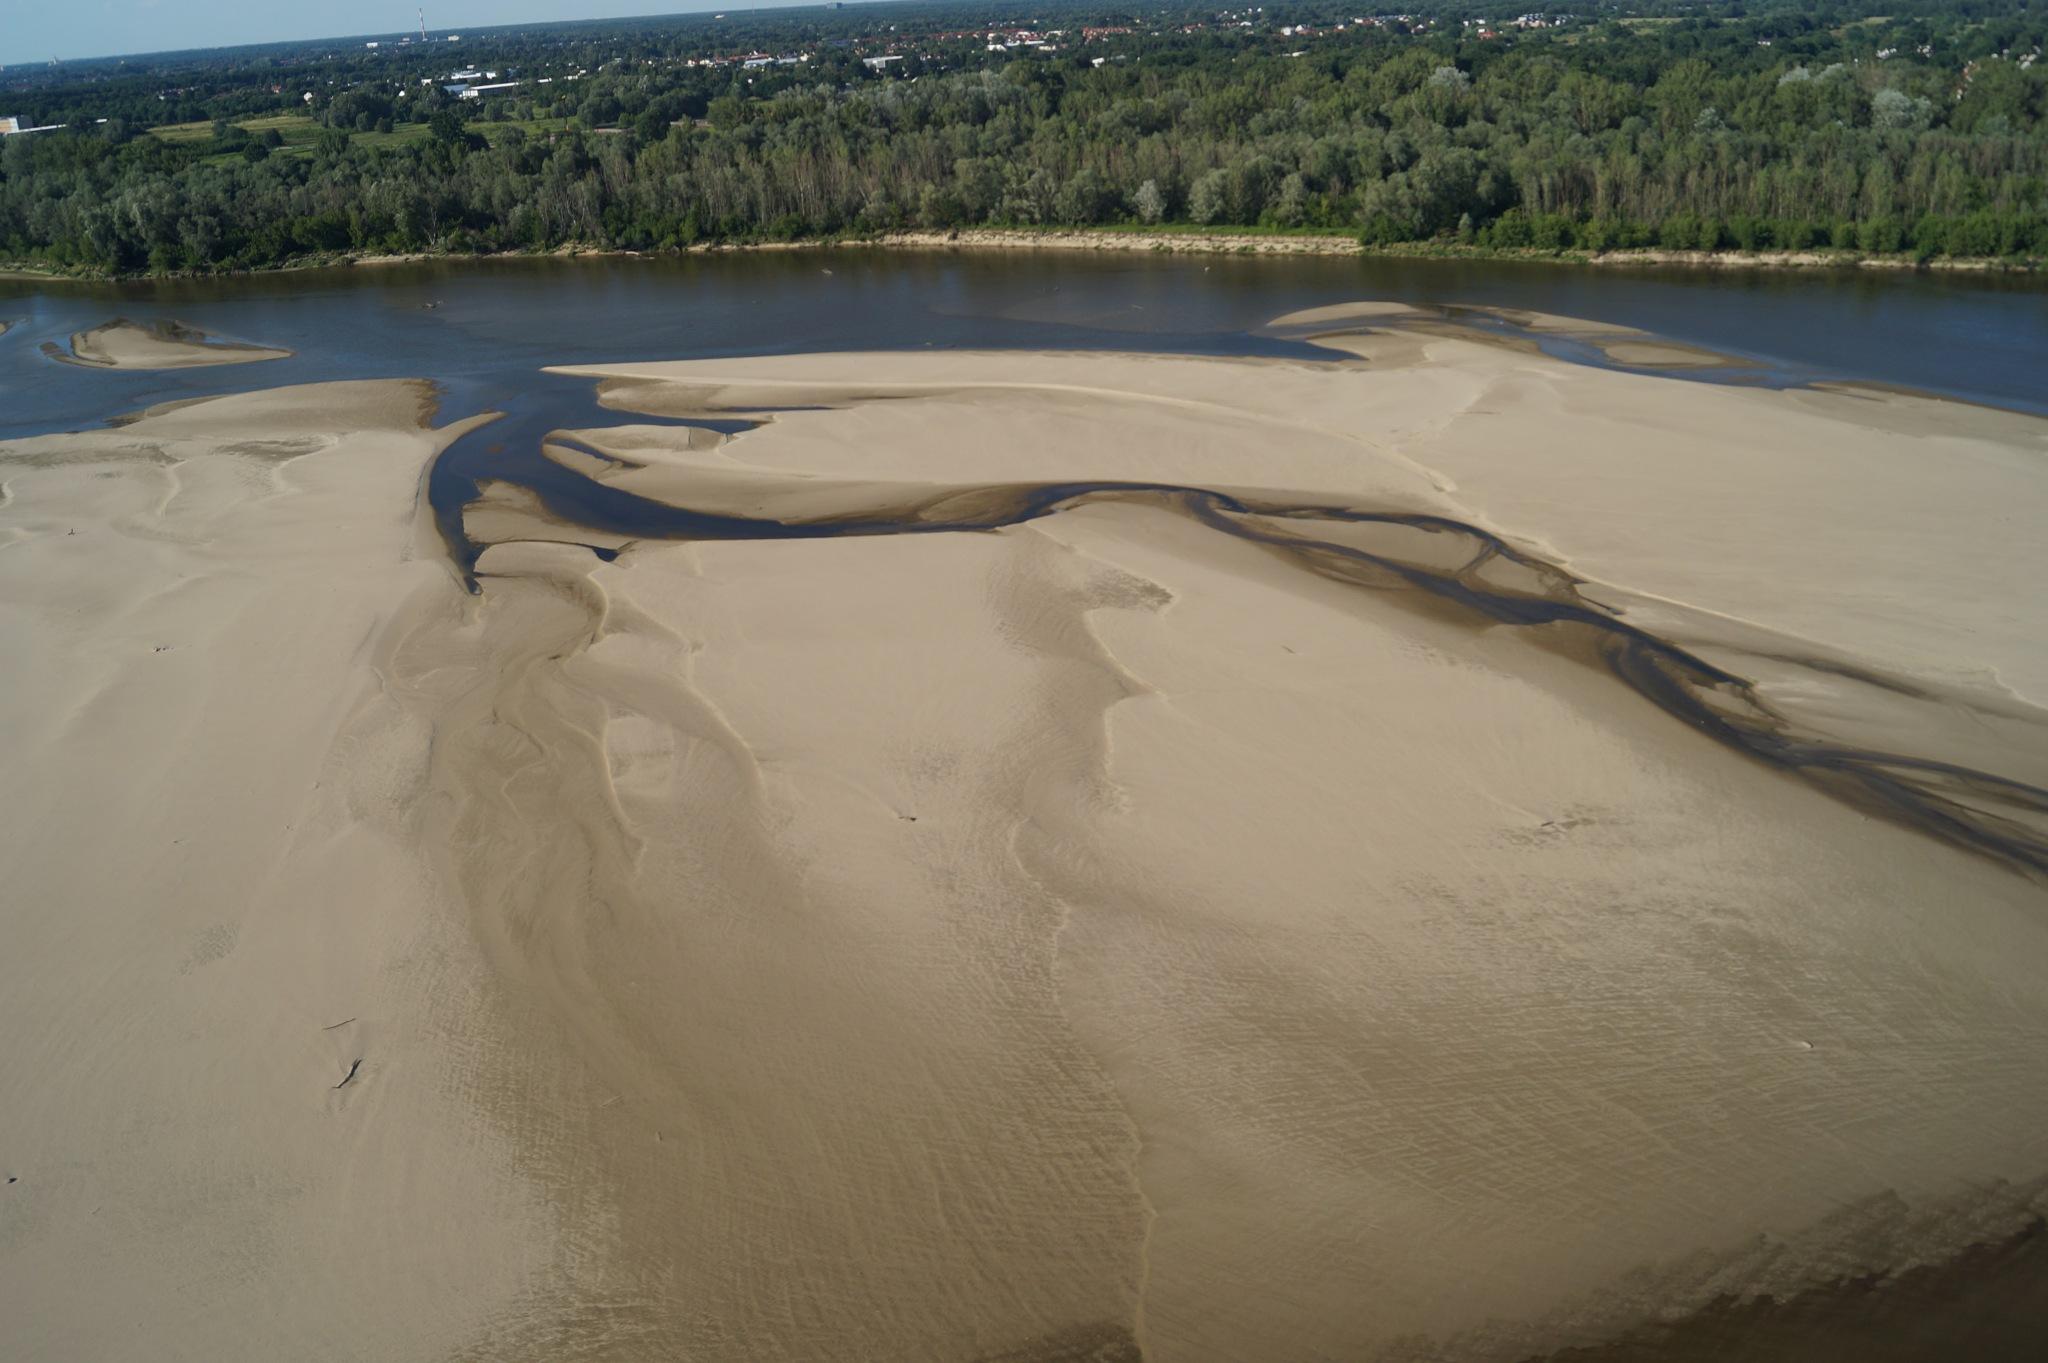 Rzeka Wisła | Vistula River by Michał Piotr Drzewiecki